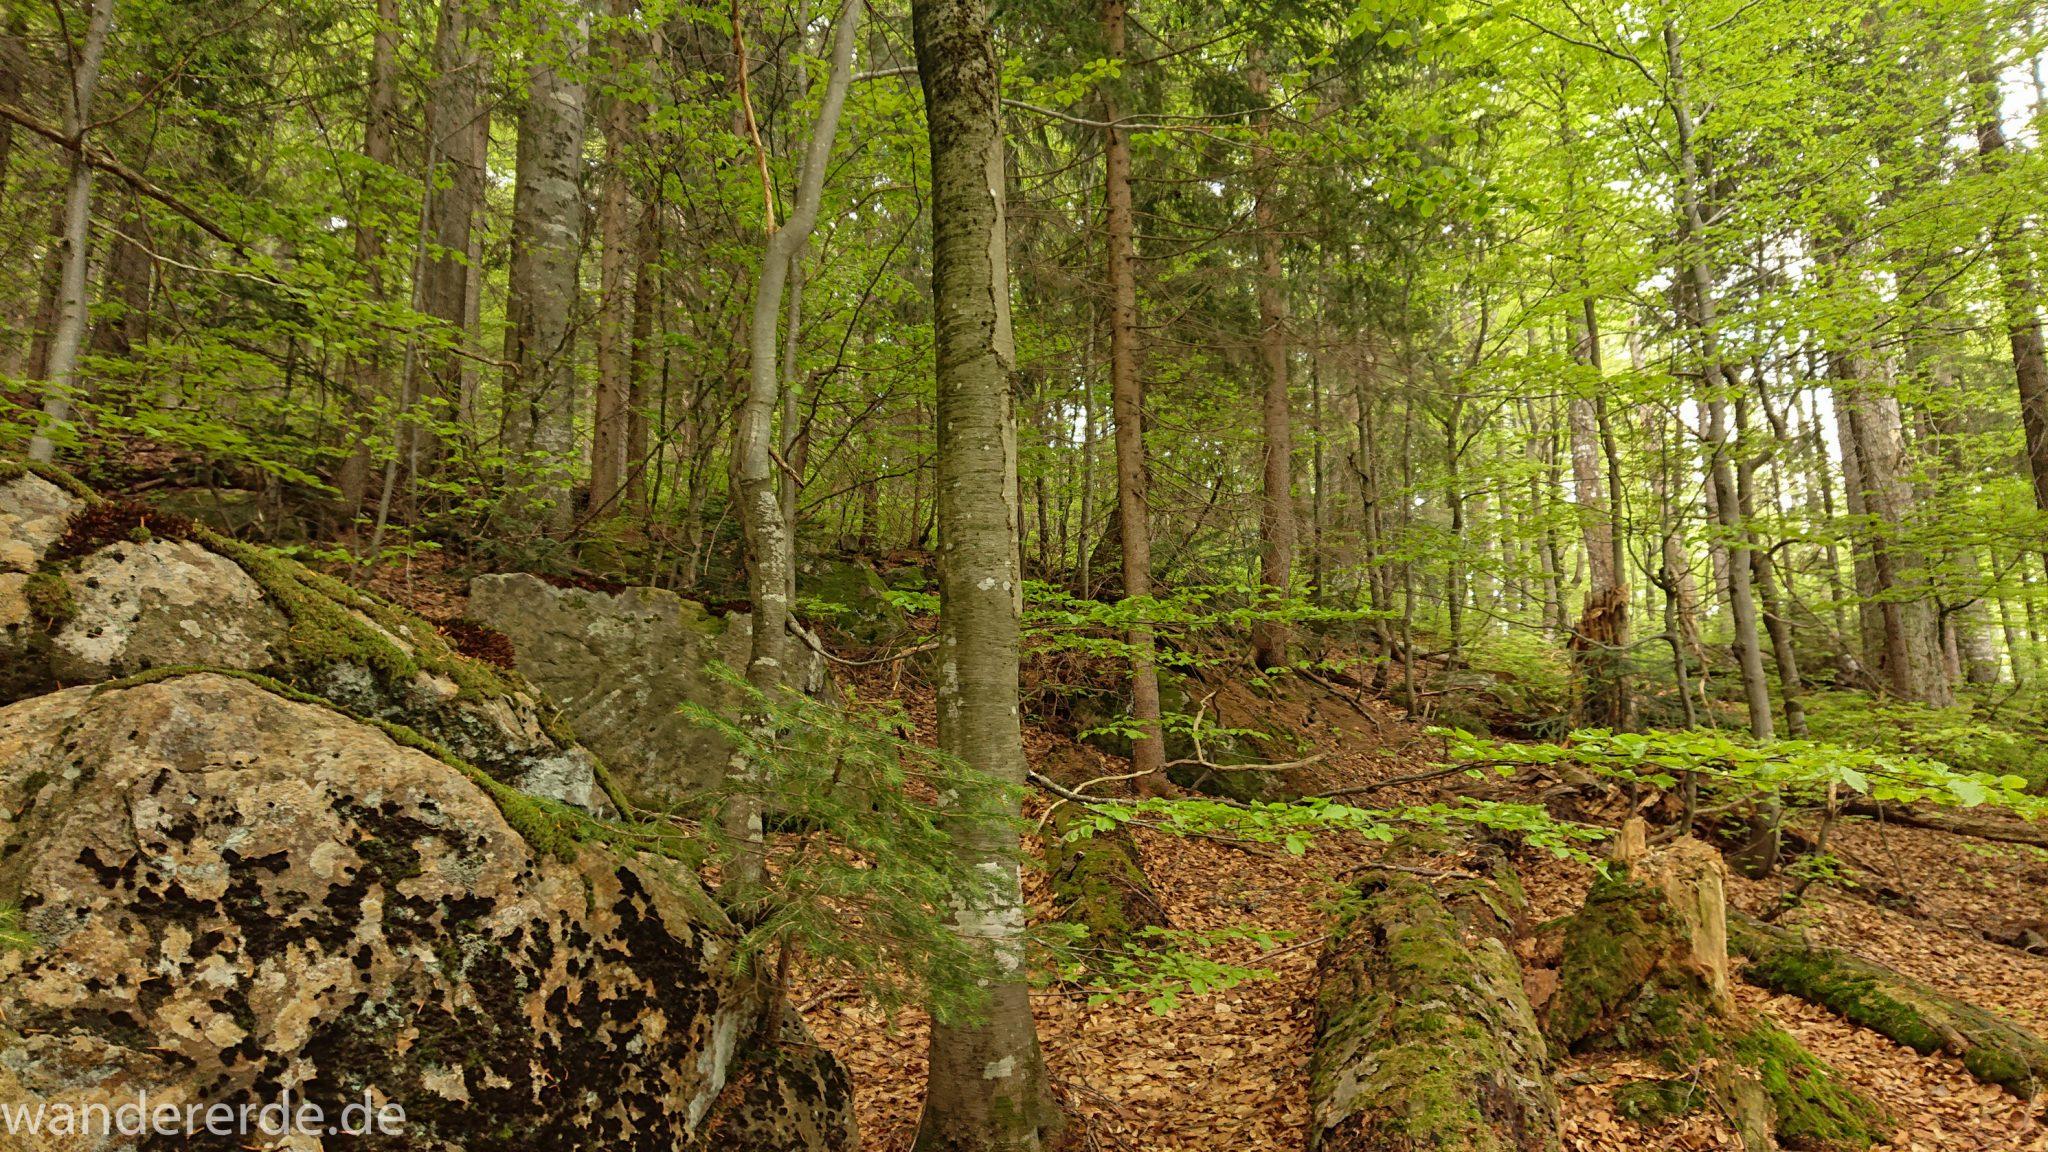 Wanderung Großer Rachel im Nationalpark Bayerischer Wald, Start Parkplatz Oberfrauenau, abwechslungsreicher Wanderweg, auf tollem, schmalem Pfad über Stock und Stein, schöner dichter Wald, Laubbaum, Nadelbaum